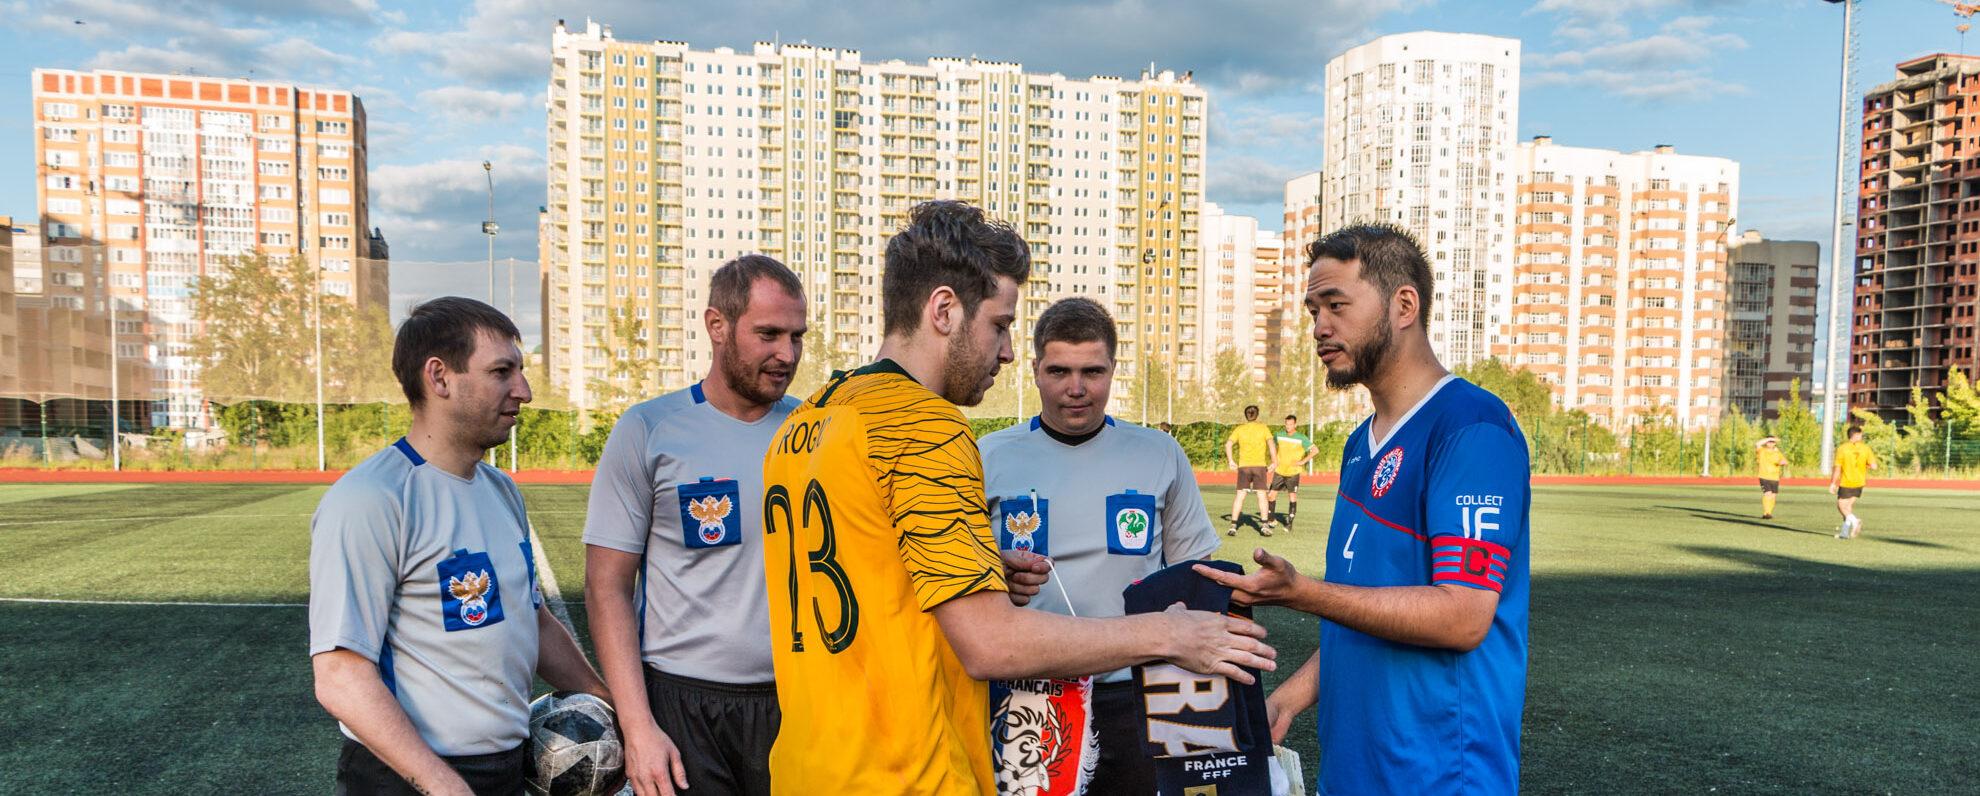 Fan Friendly - 2018 FIFA World Cup in Russia